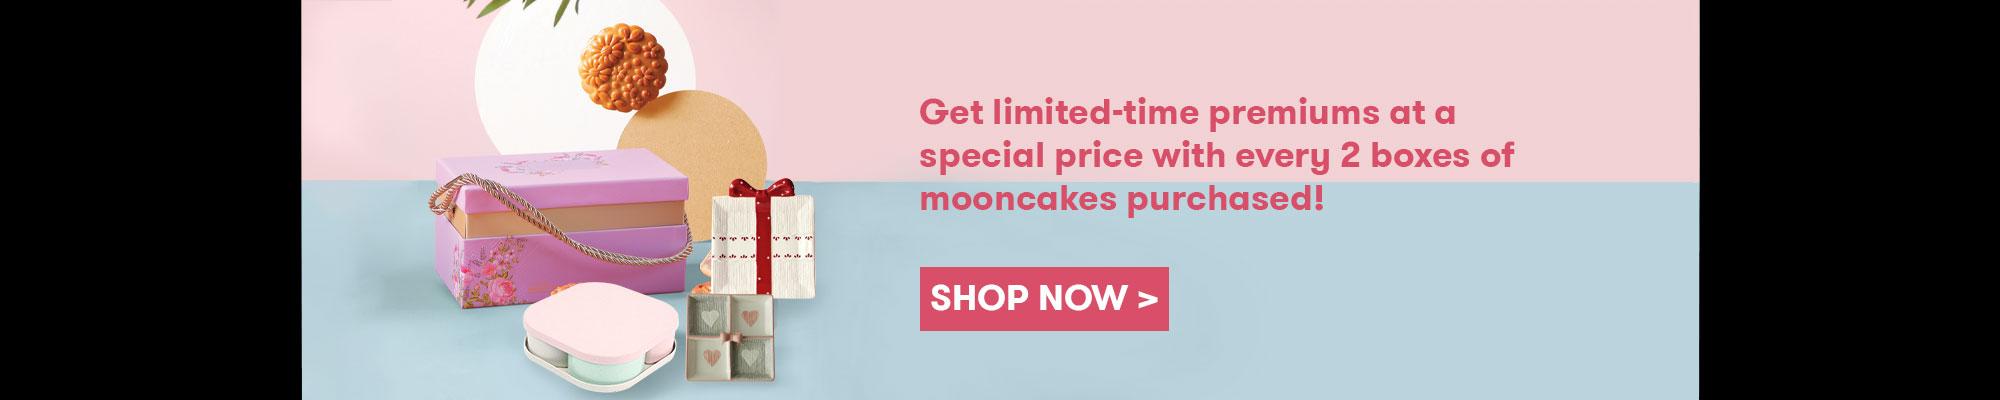 Mooncake-promo-banner.jpg